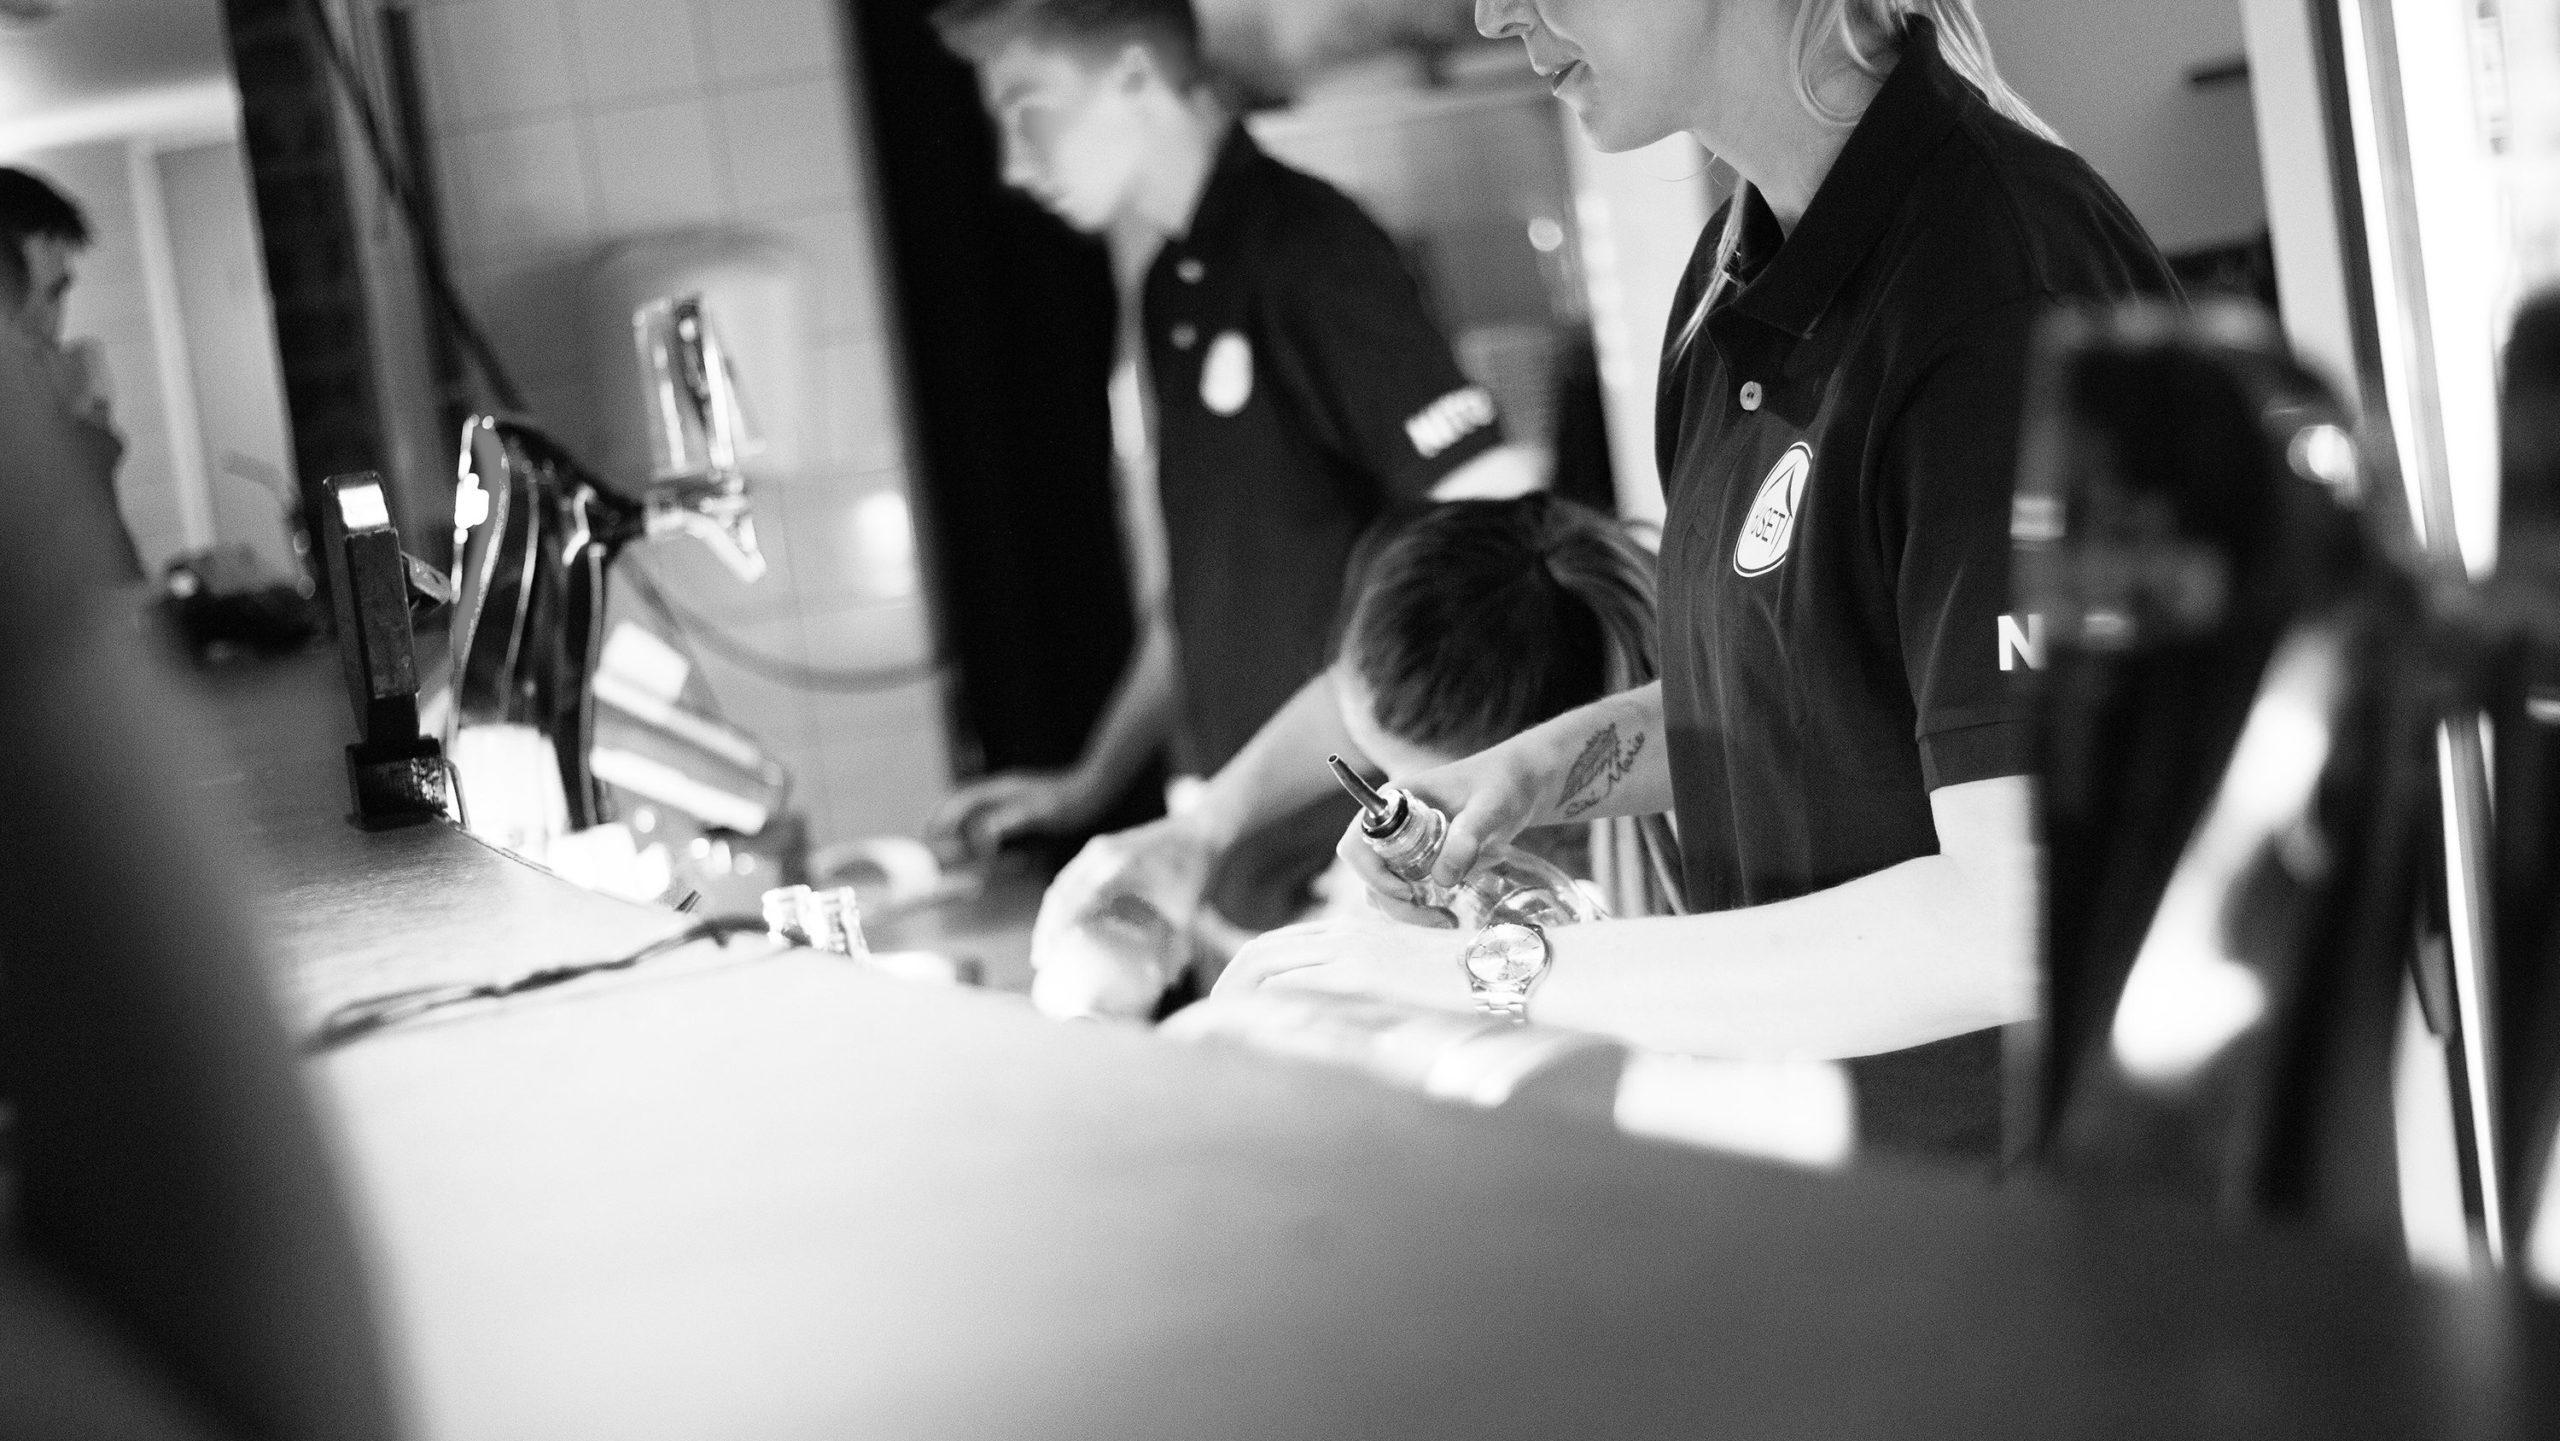 Bilde av bartendere på Huset som lager en drink, bildet tatt av Mia Tollaksvik